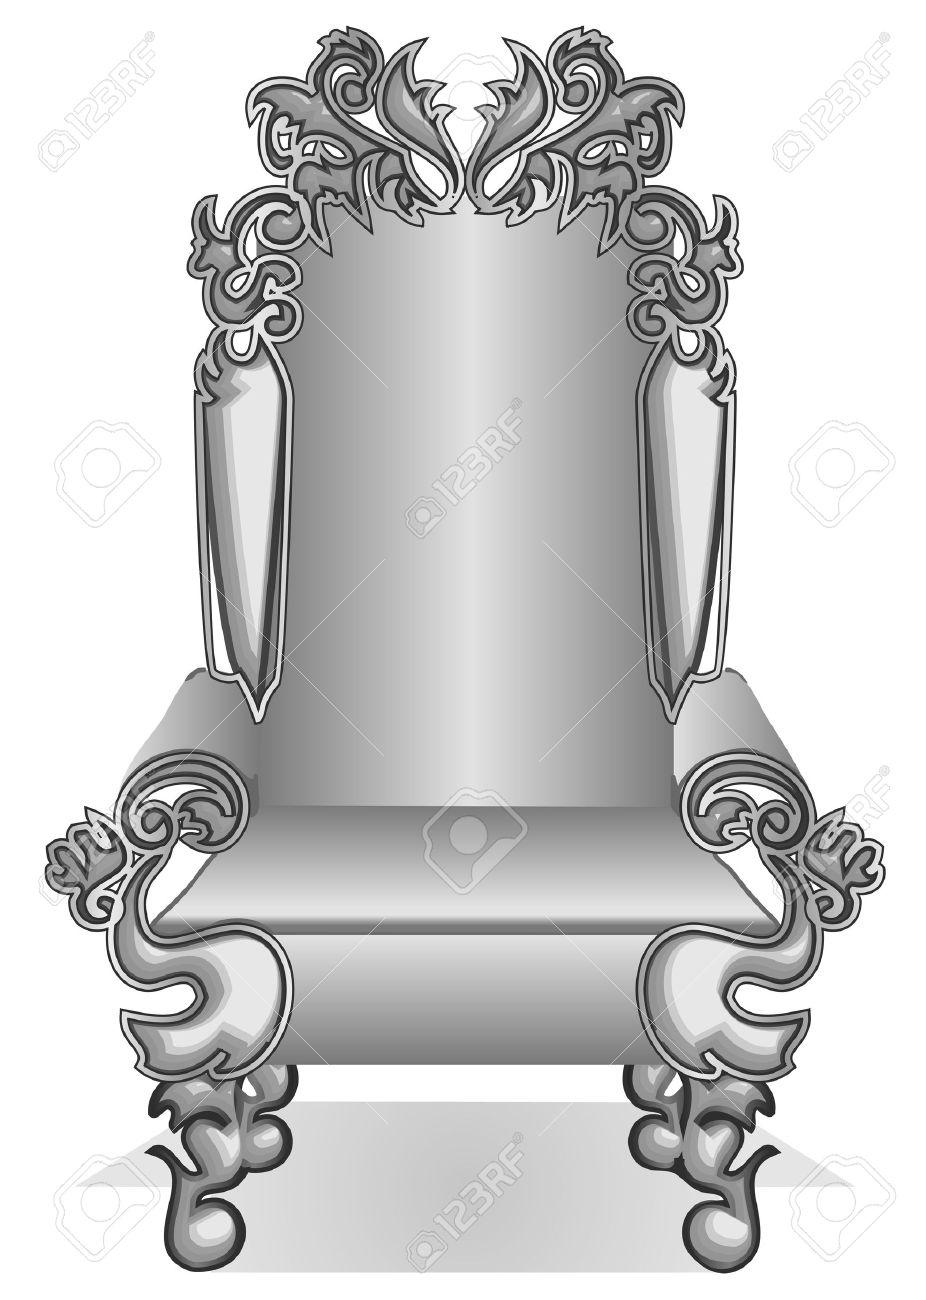 Extrêmement Trône Roi. Roi De Bande Dessinée Trône Isolé Sur Blanc Clip Art  KG15